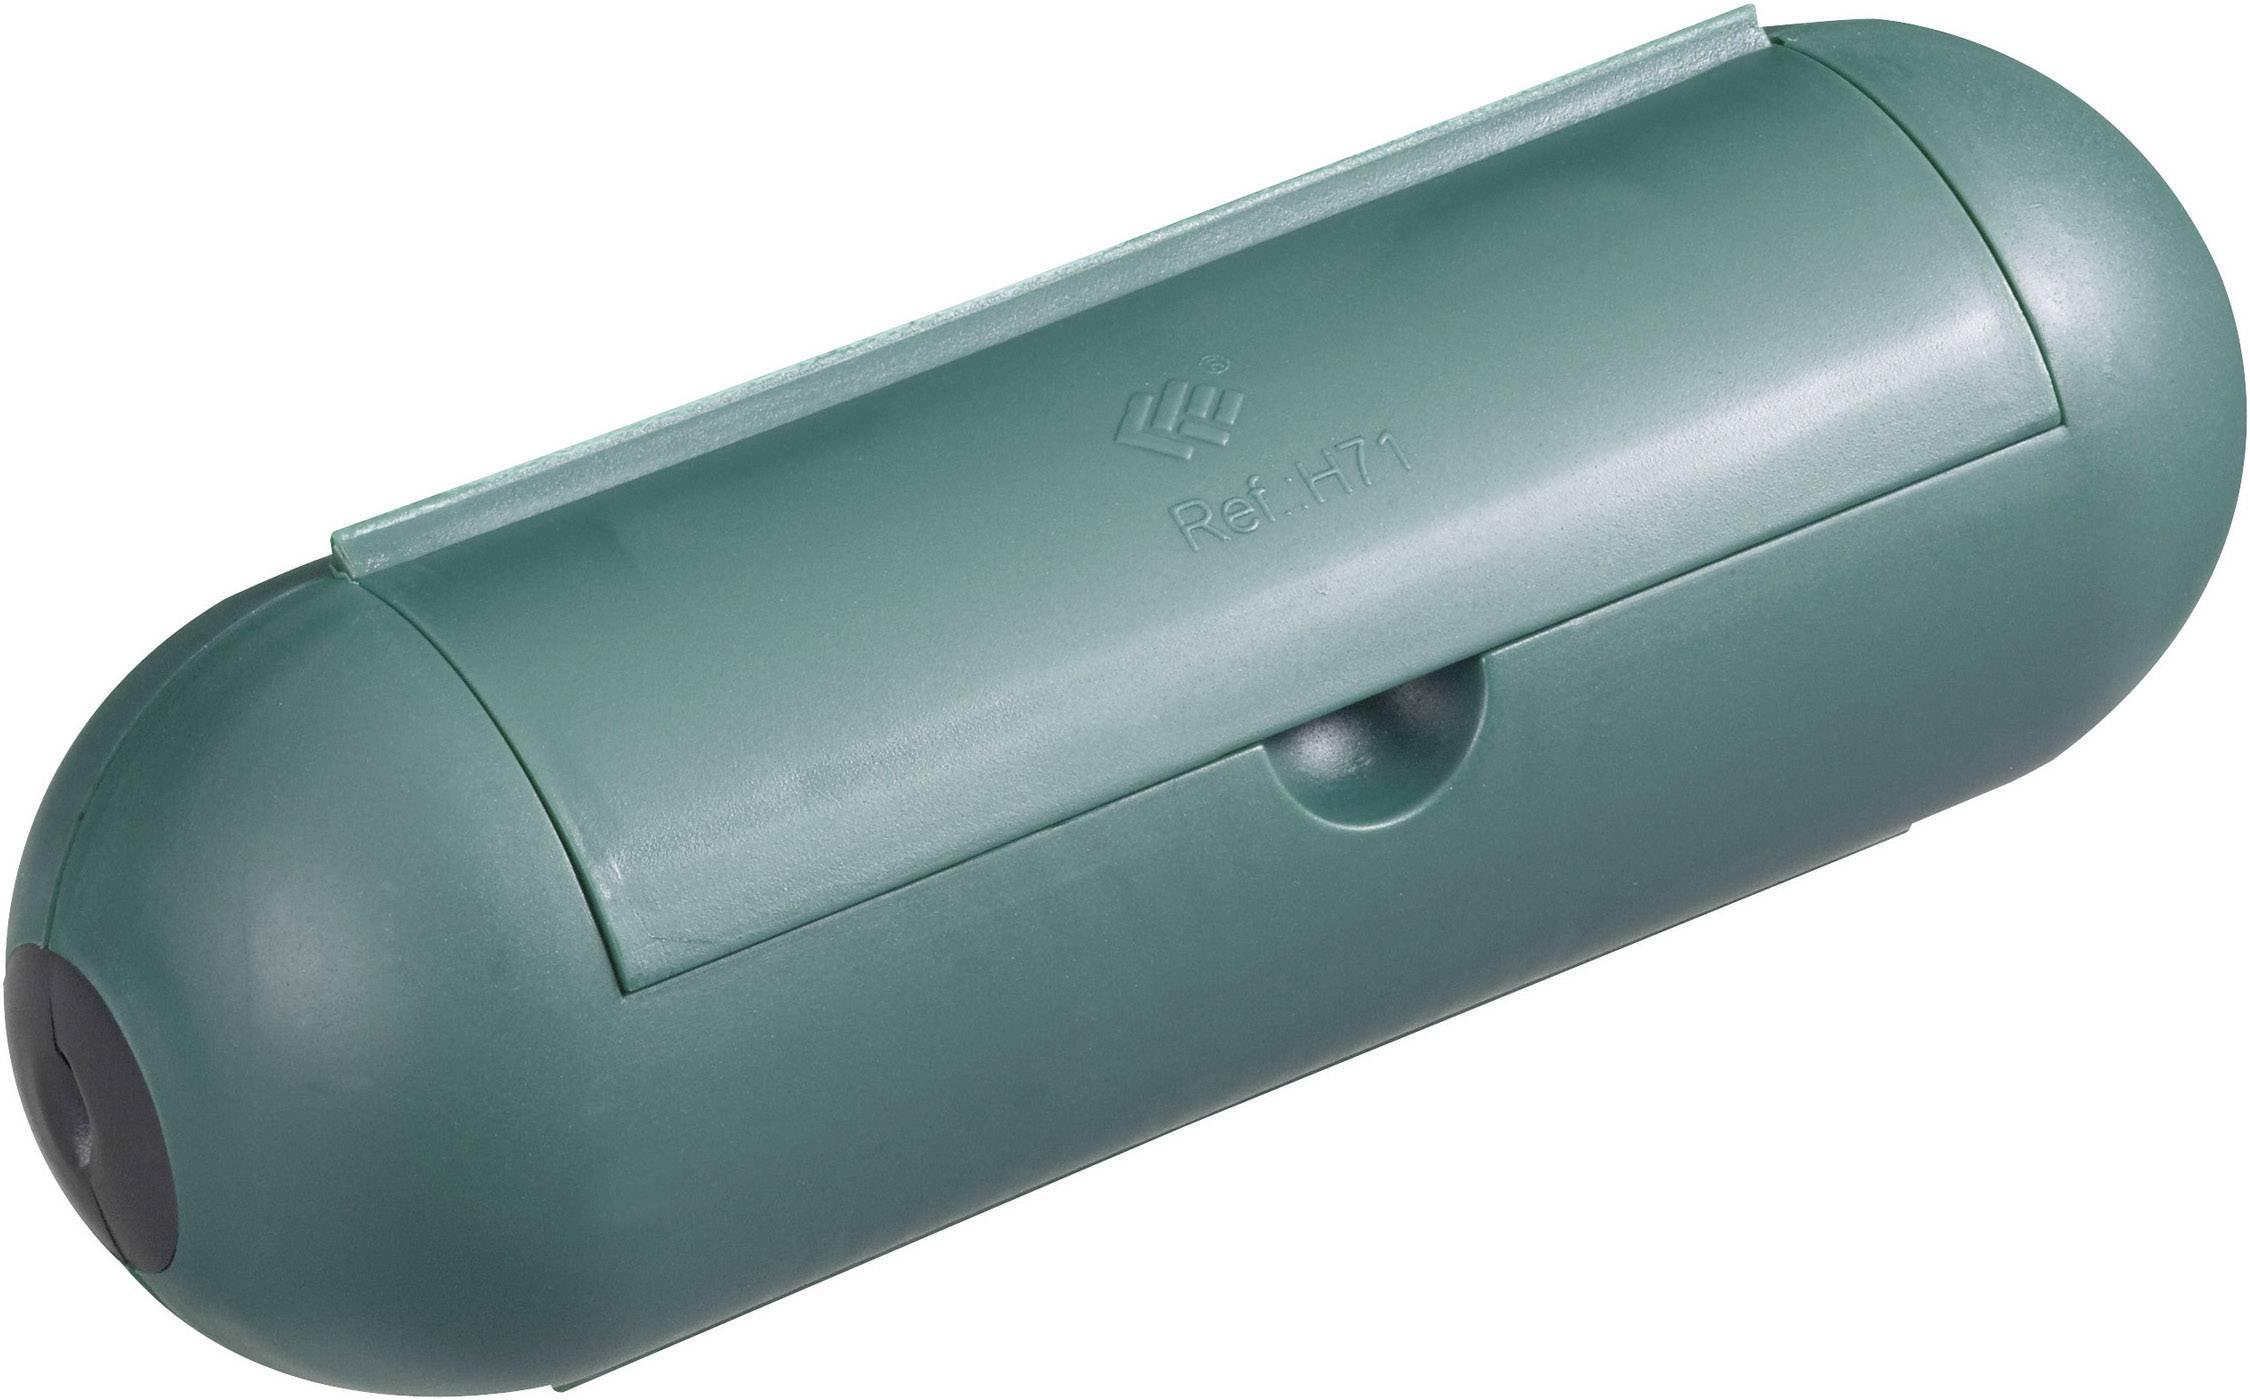 Bezpečnostní kryt na rovnou zástrčku GAO 0392, 180 mm, zelená